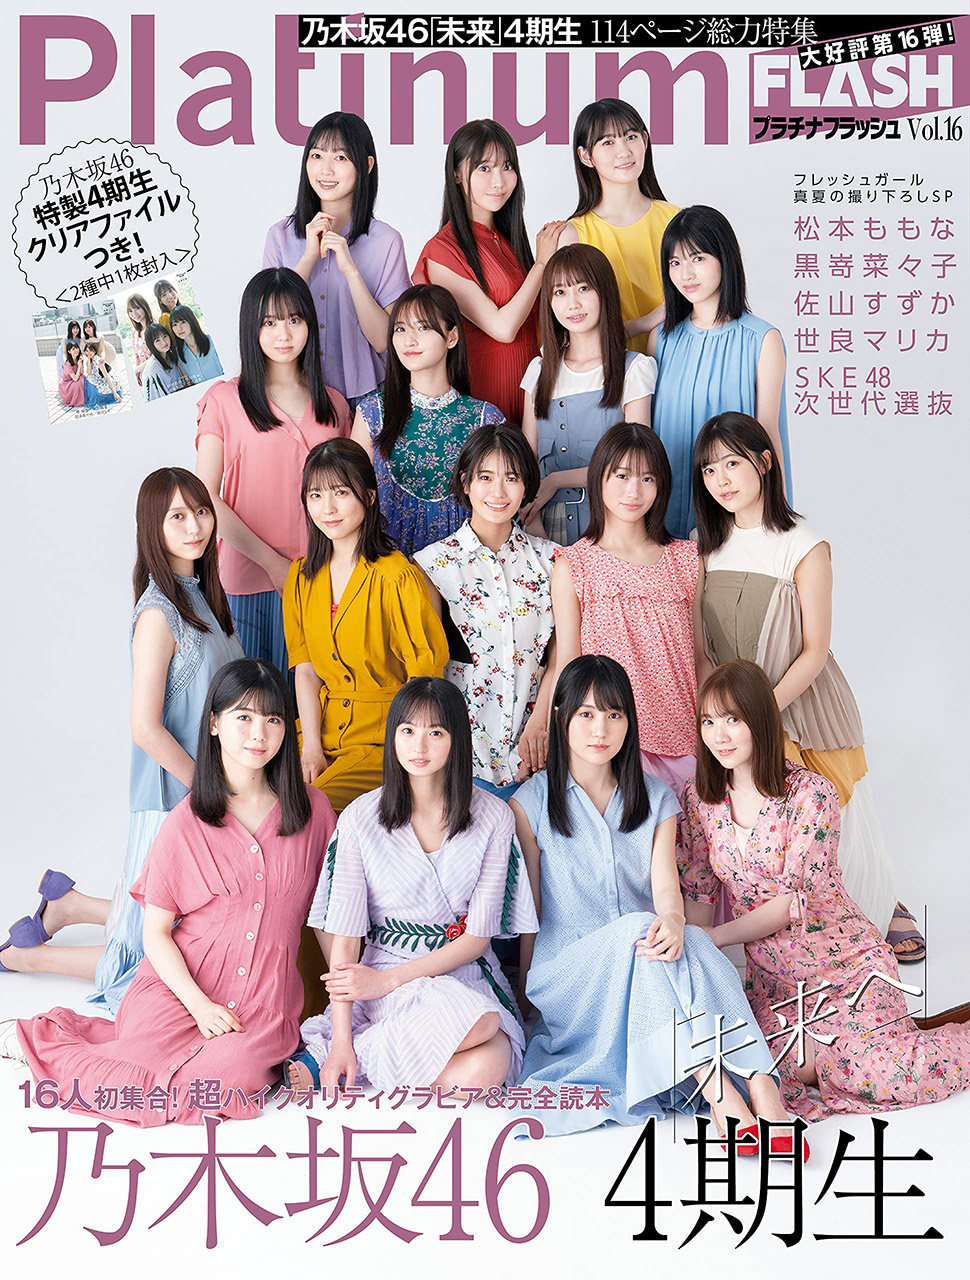 新生SKE48フレッシュ選抜7人に密着!「Platinum FLASH vol.16」本日8/26発売!